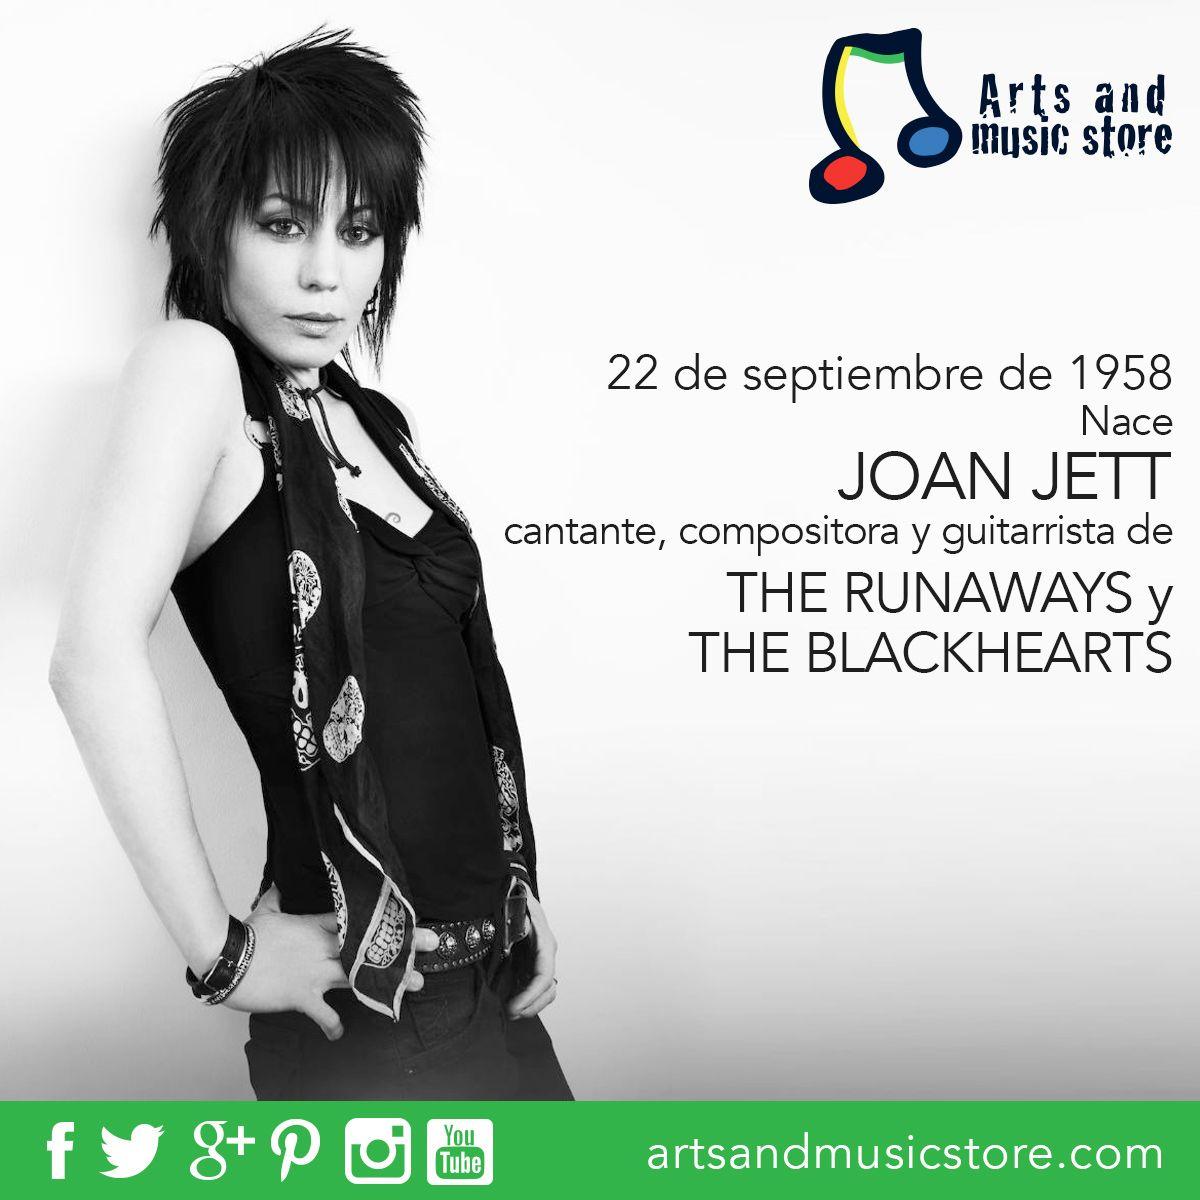 Hoy cumple 58 años la cantante y compositora, Joan Jett.